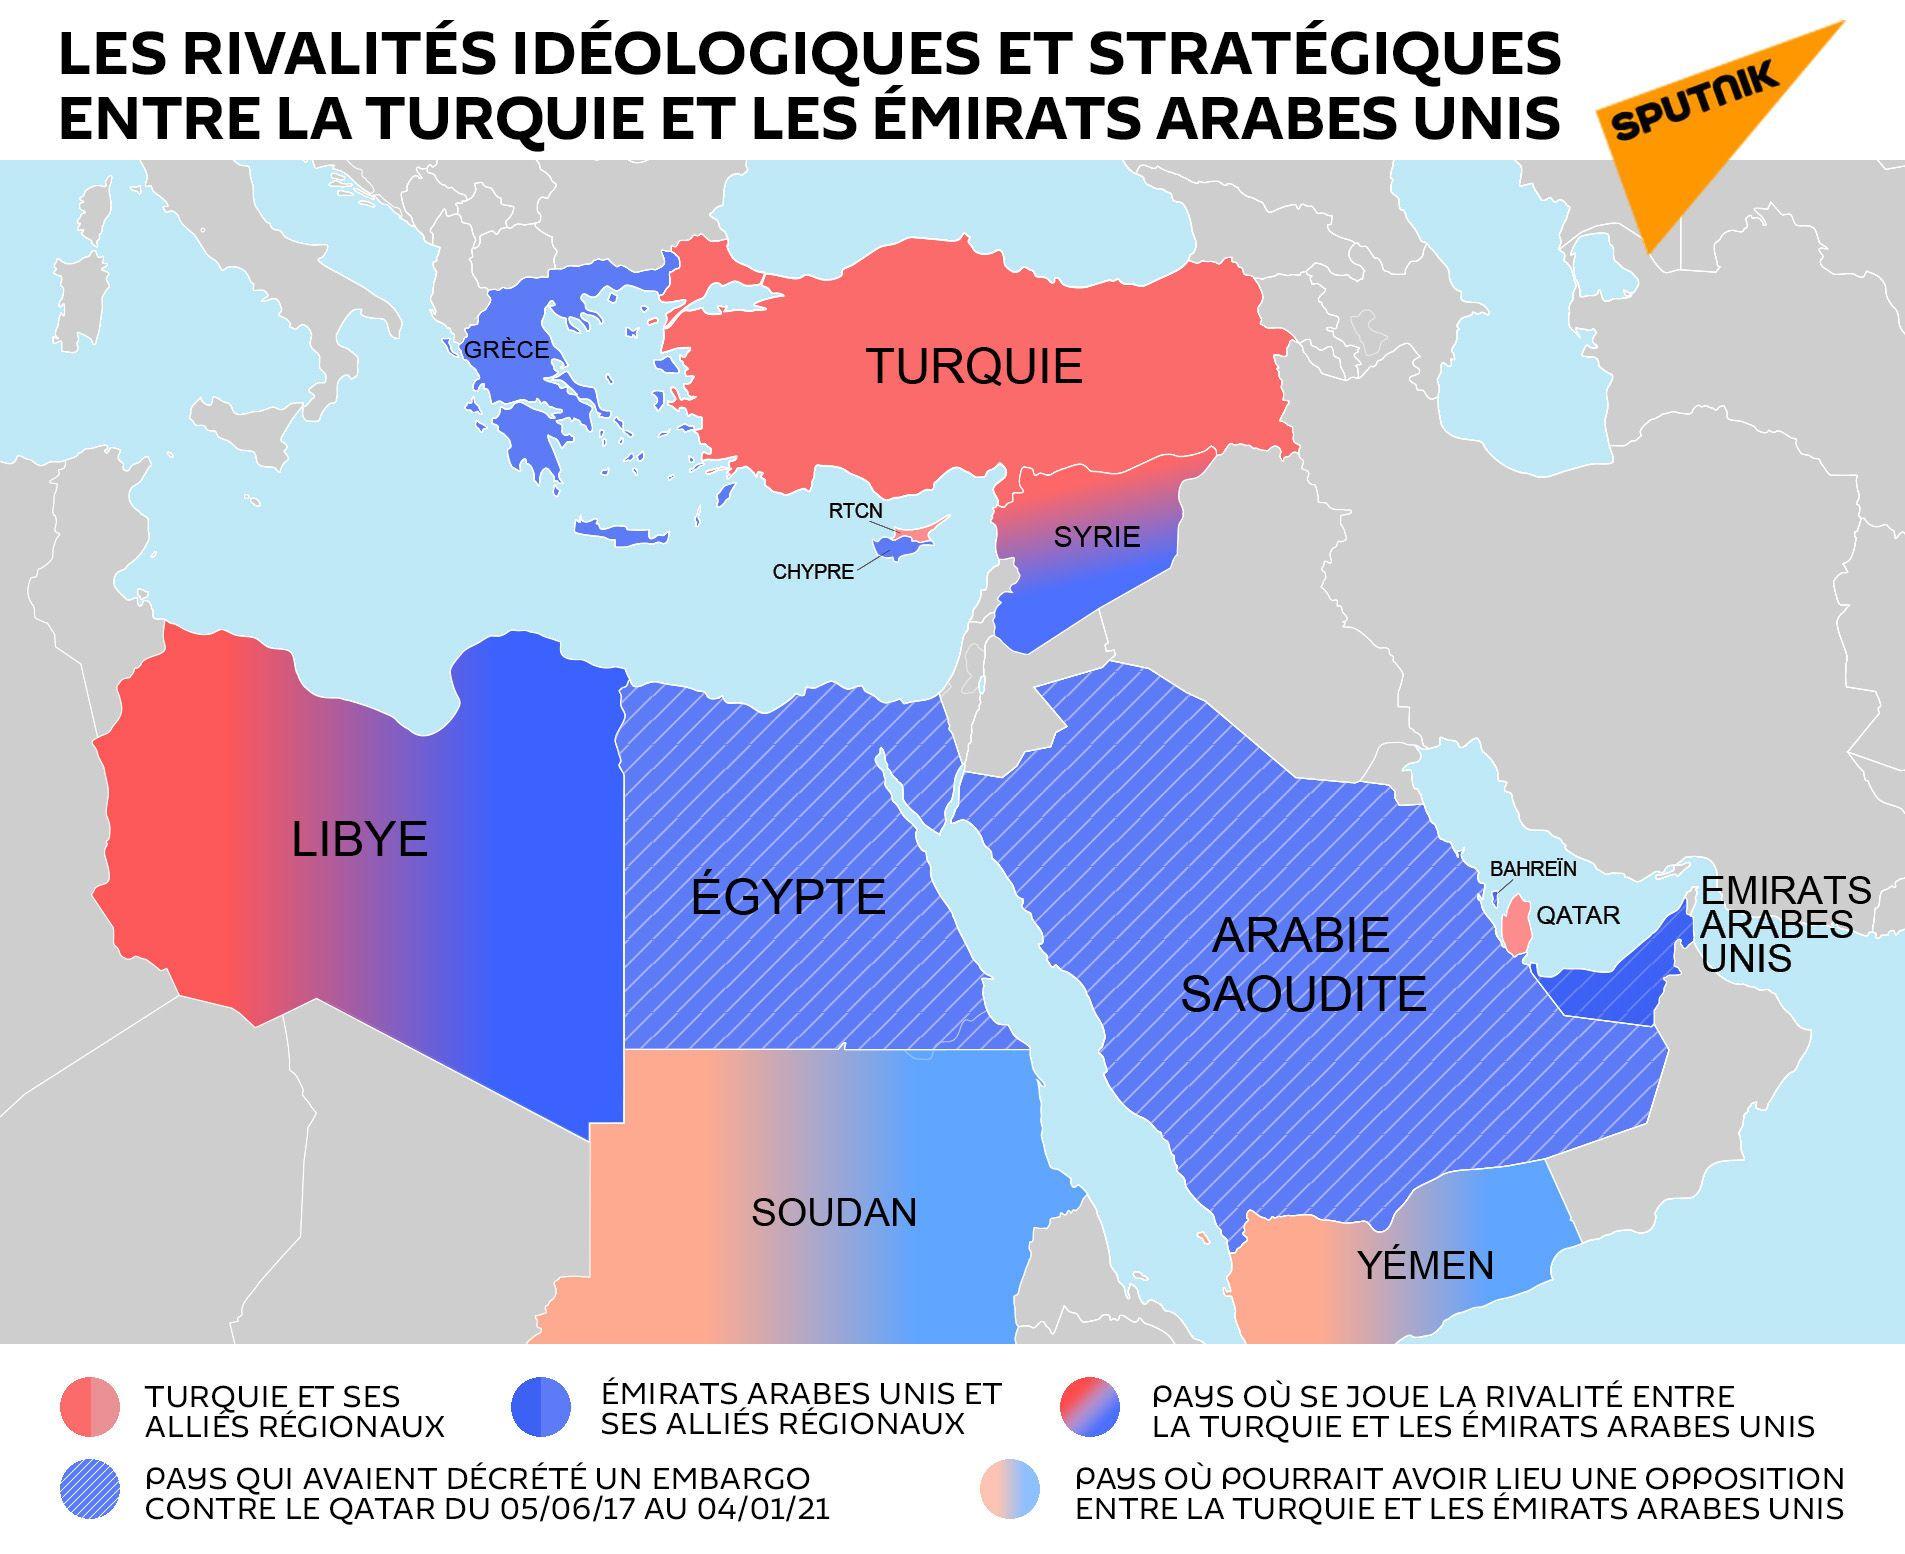 Les rivalités idéologiques et stratégiques entre la Turquie et les Émirats arabes unis